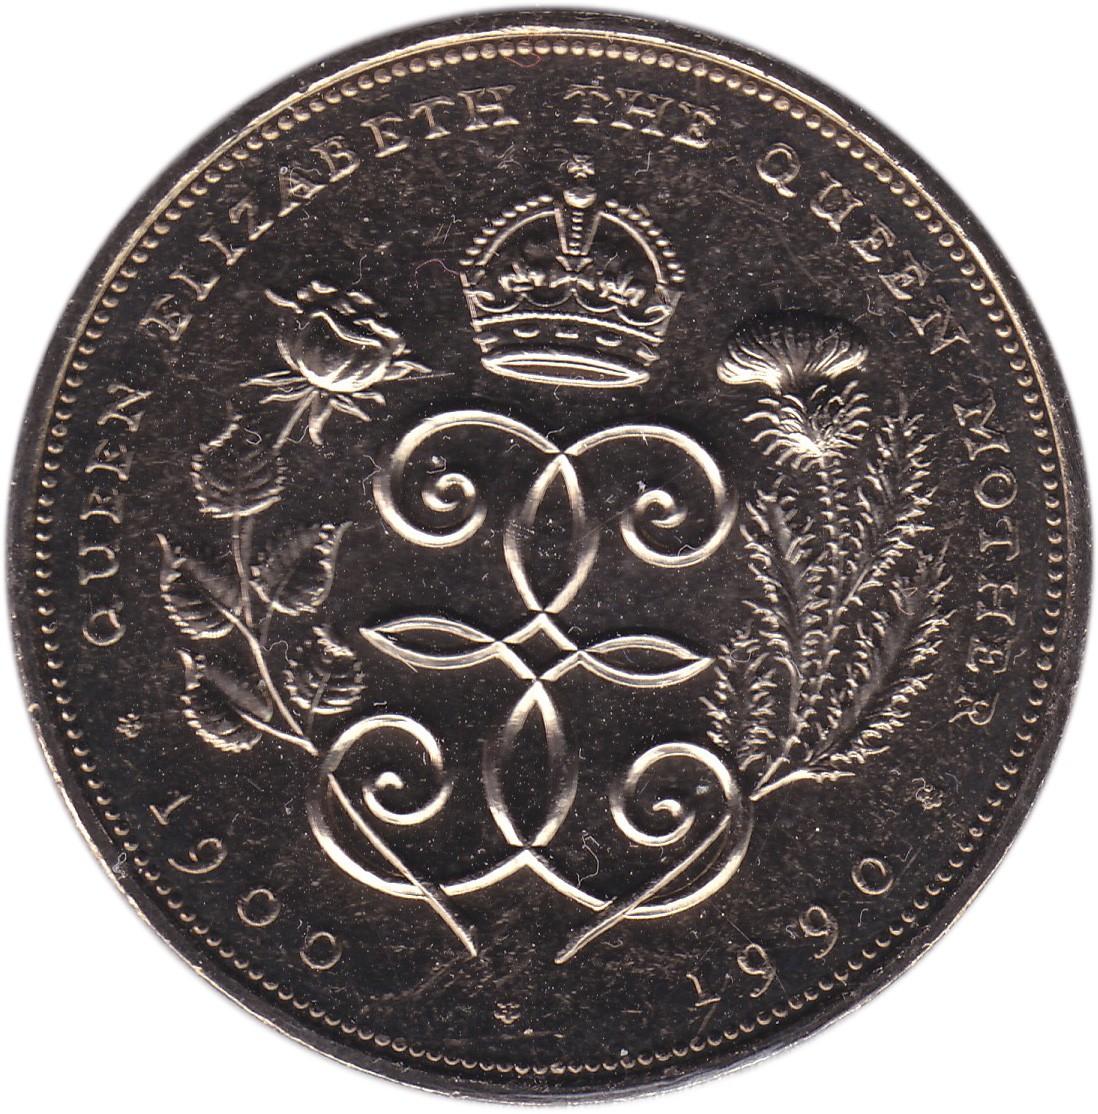 British 5 Pounds (1990 Elizabeth II-Queen Mother)